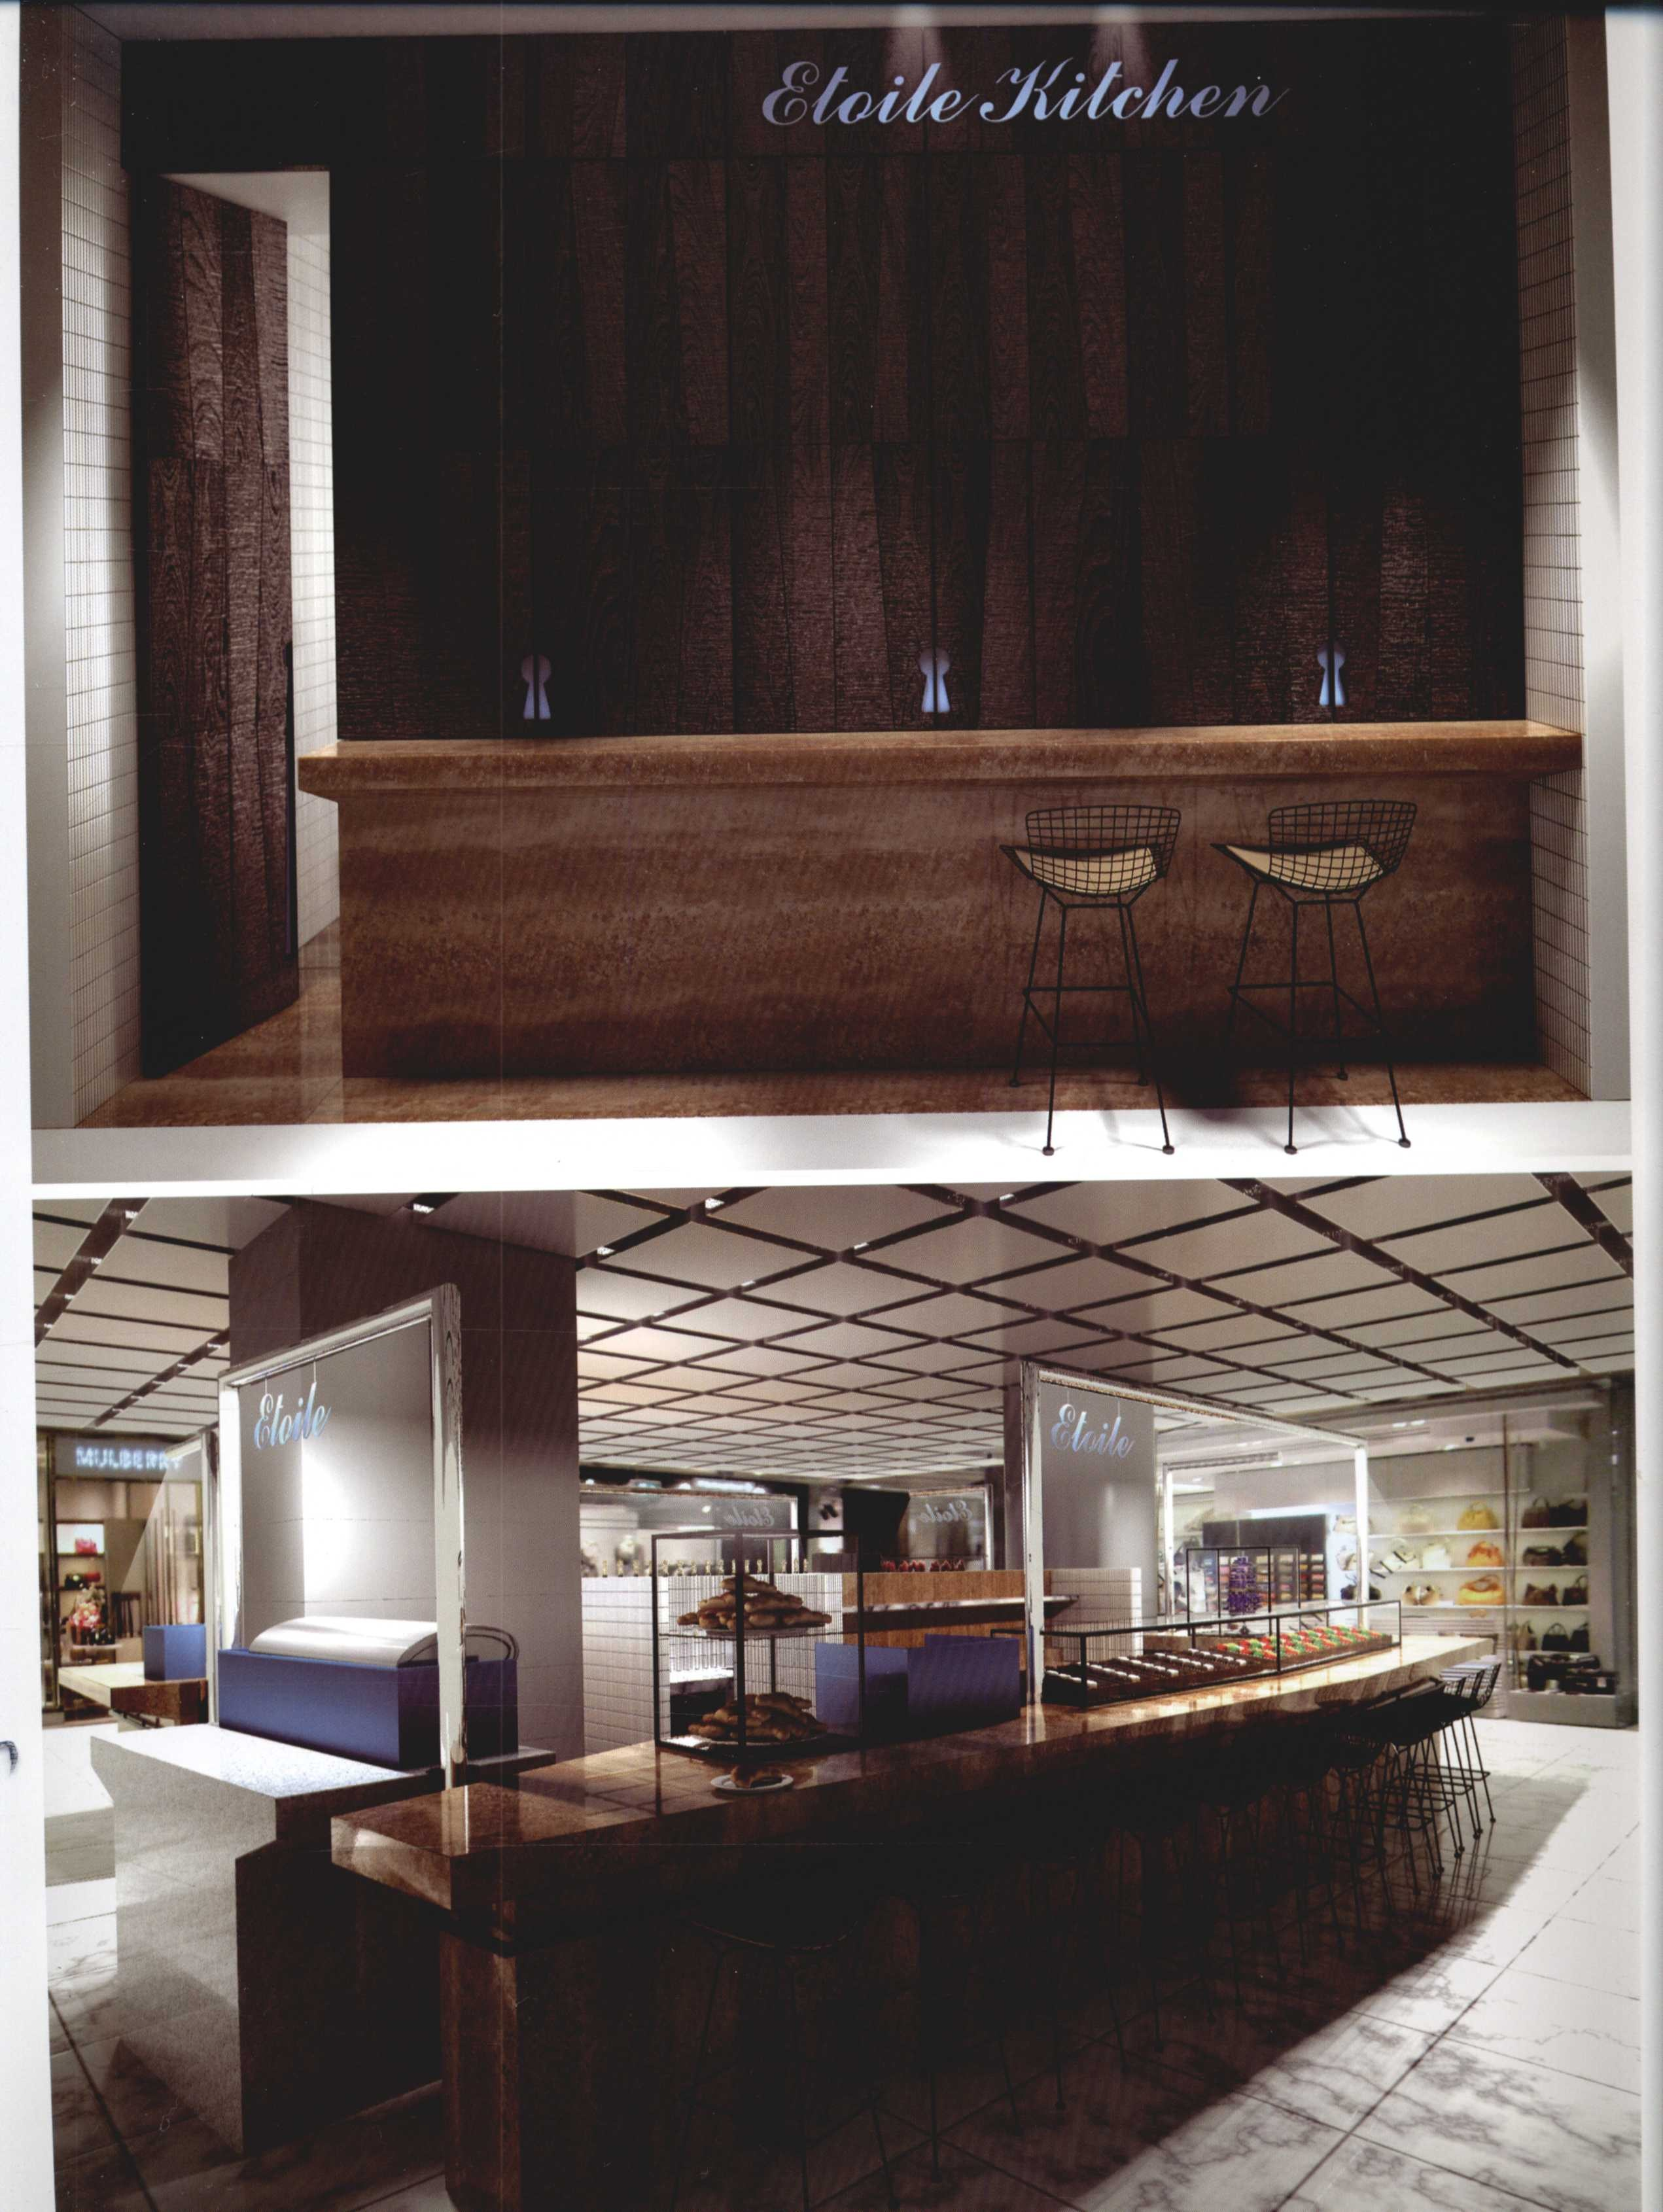 2012全球室内设计年鉴  餐饮_Page_103.jpg